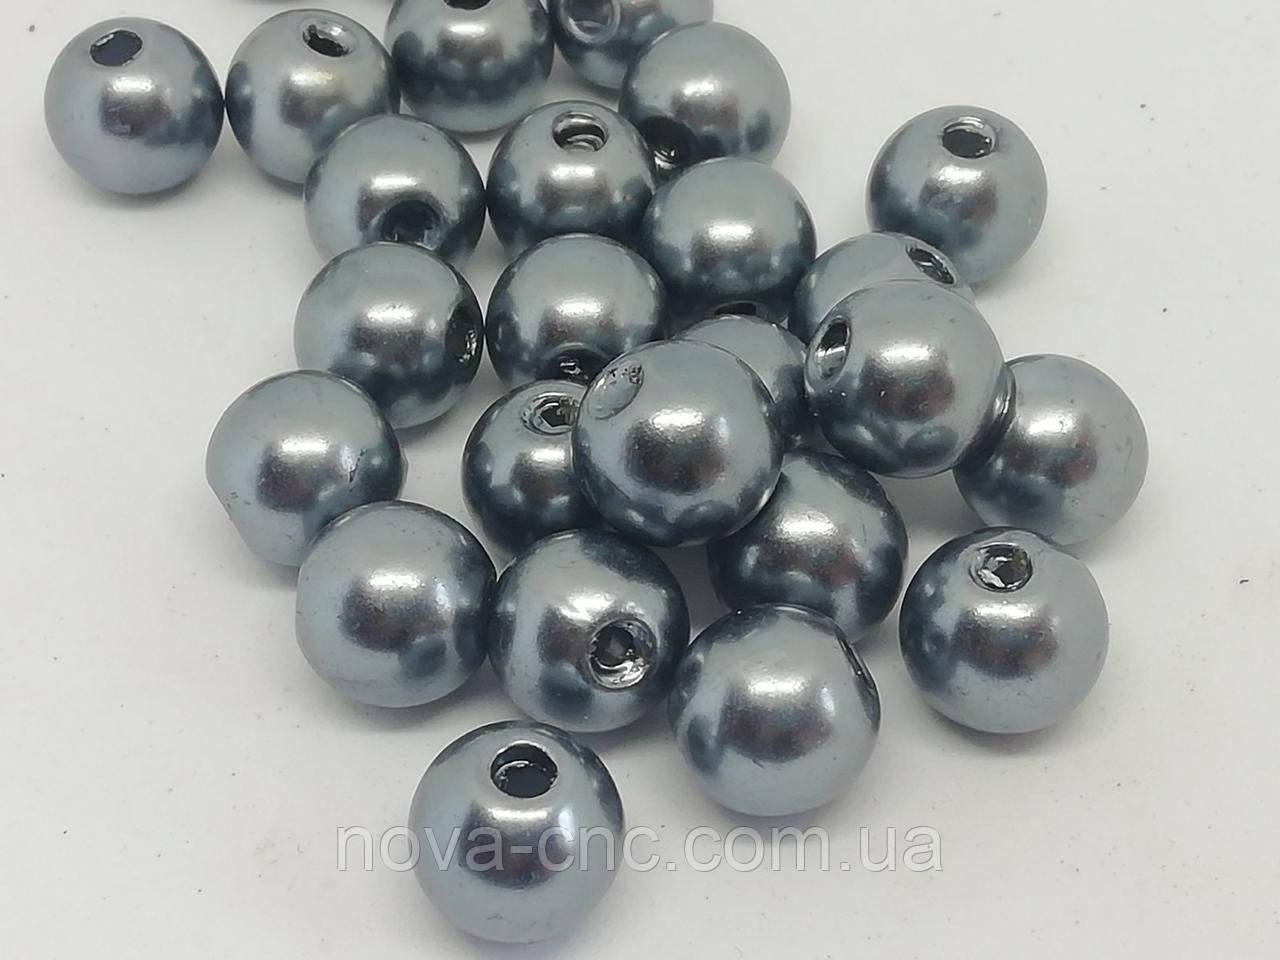 """Бусины пластик """"Шар гладкий"""" серый 8 мм 500 грамм"""